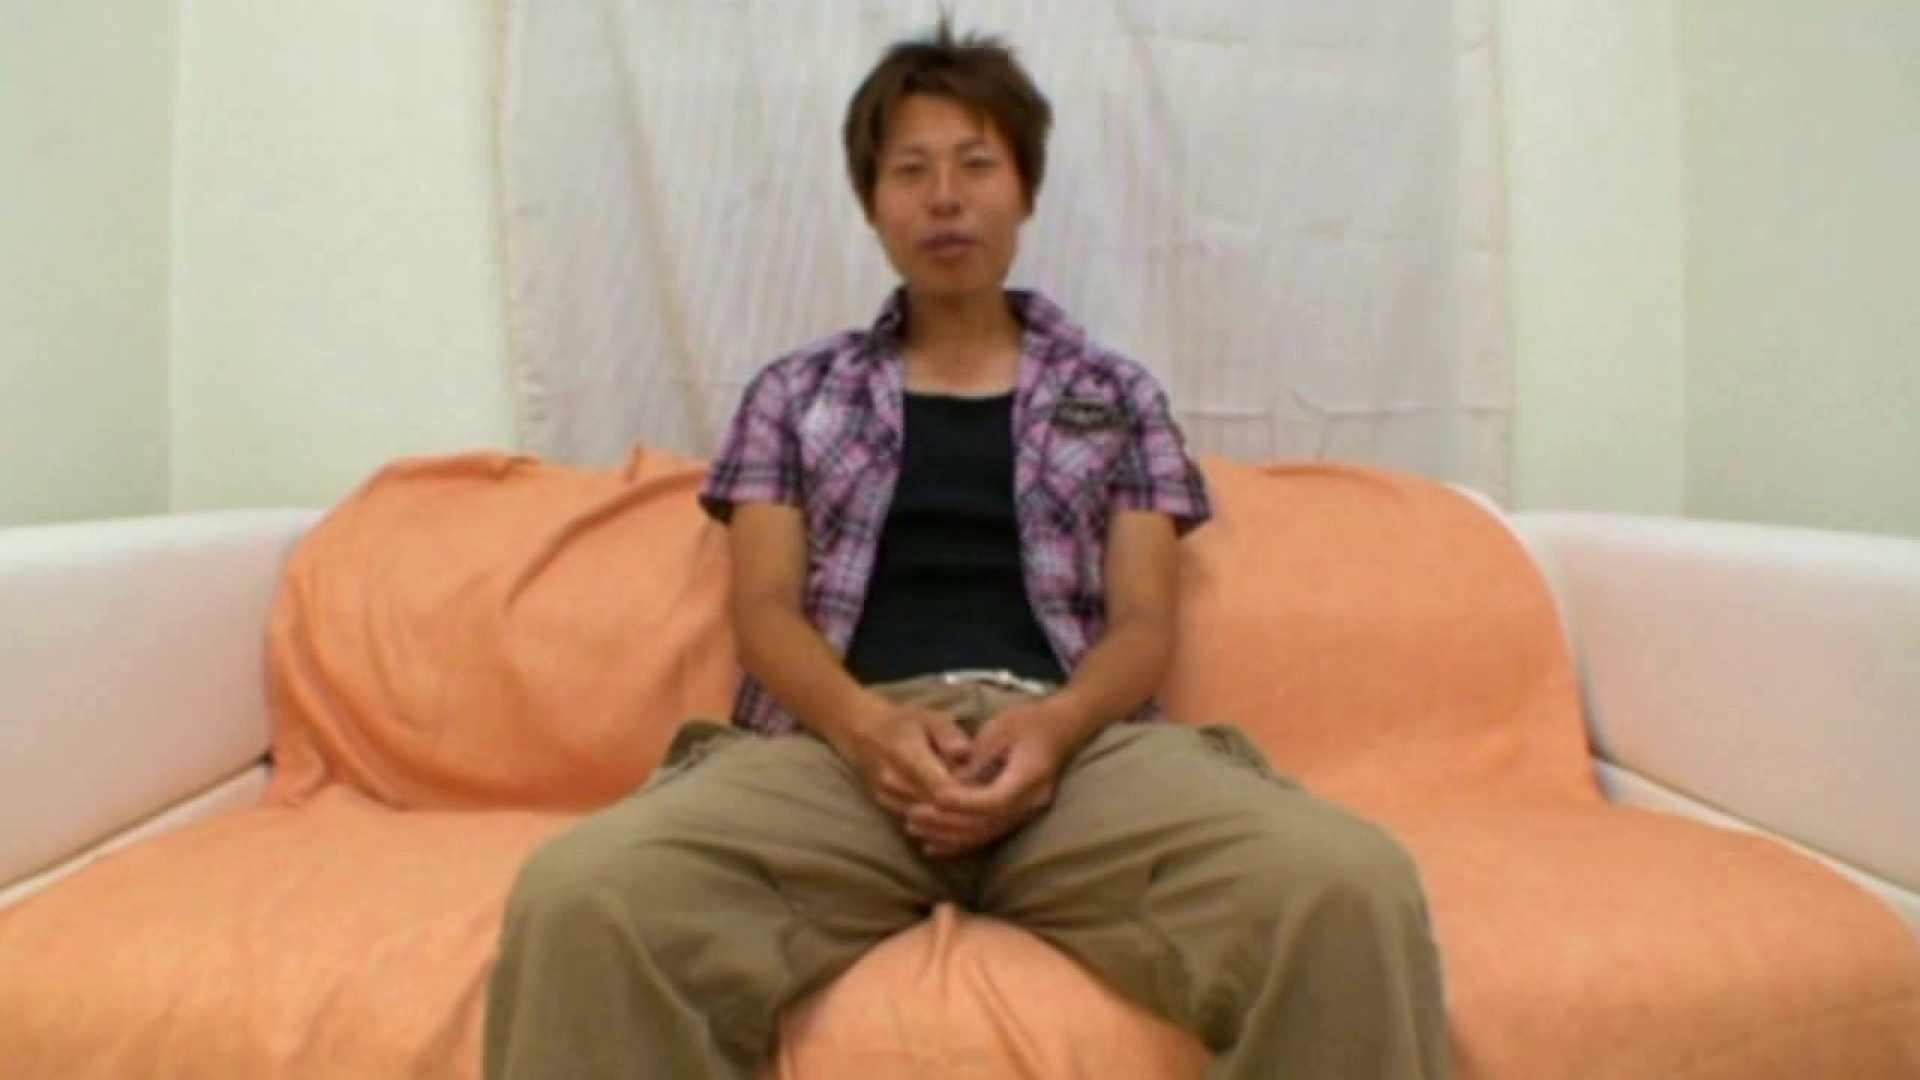 ノンケ!自慰スタジオ No.10 自慰シーン エロビデオ紹介 103枚 65